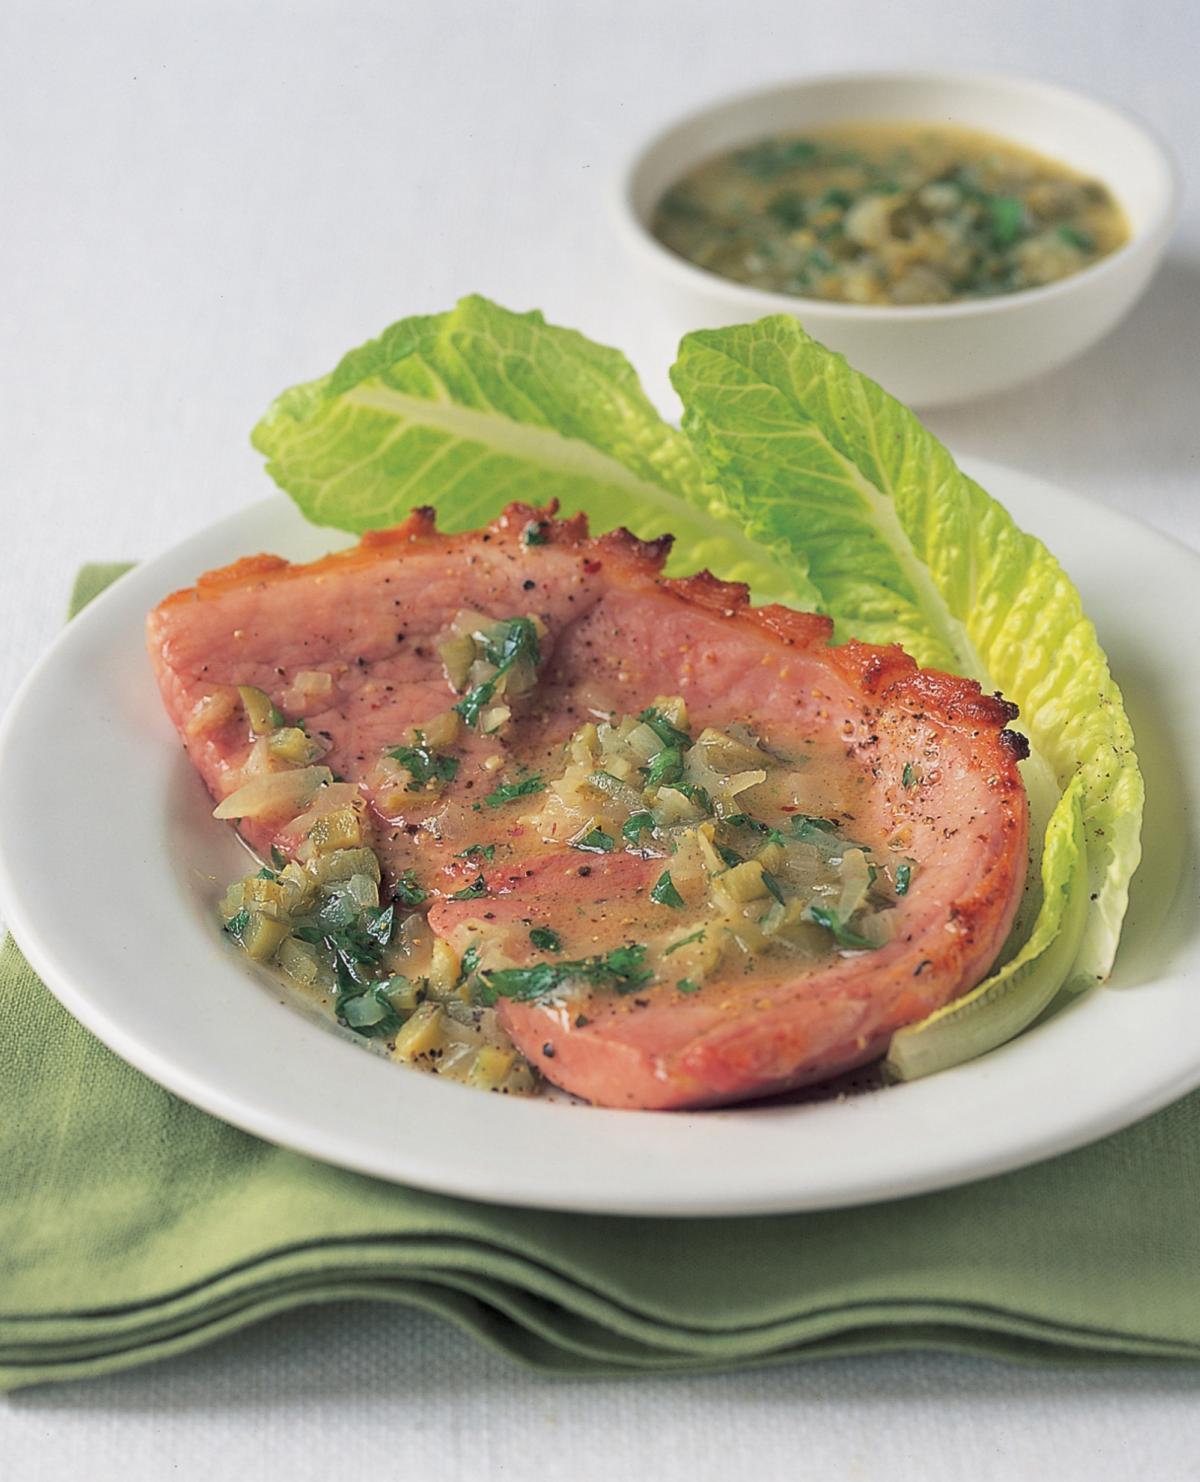 A picture of Delia's Gammon recipes